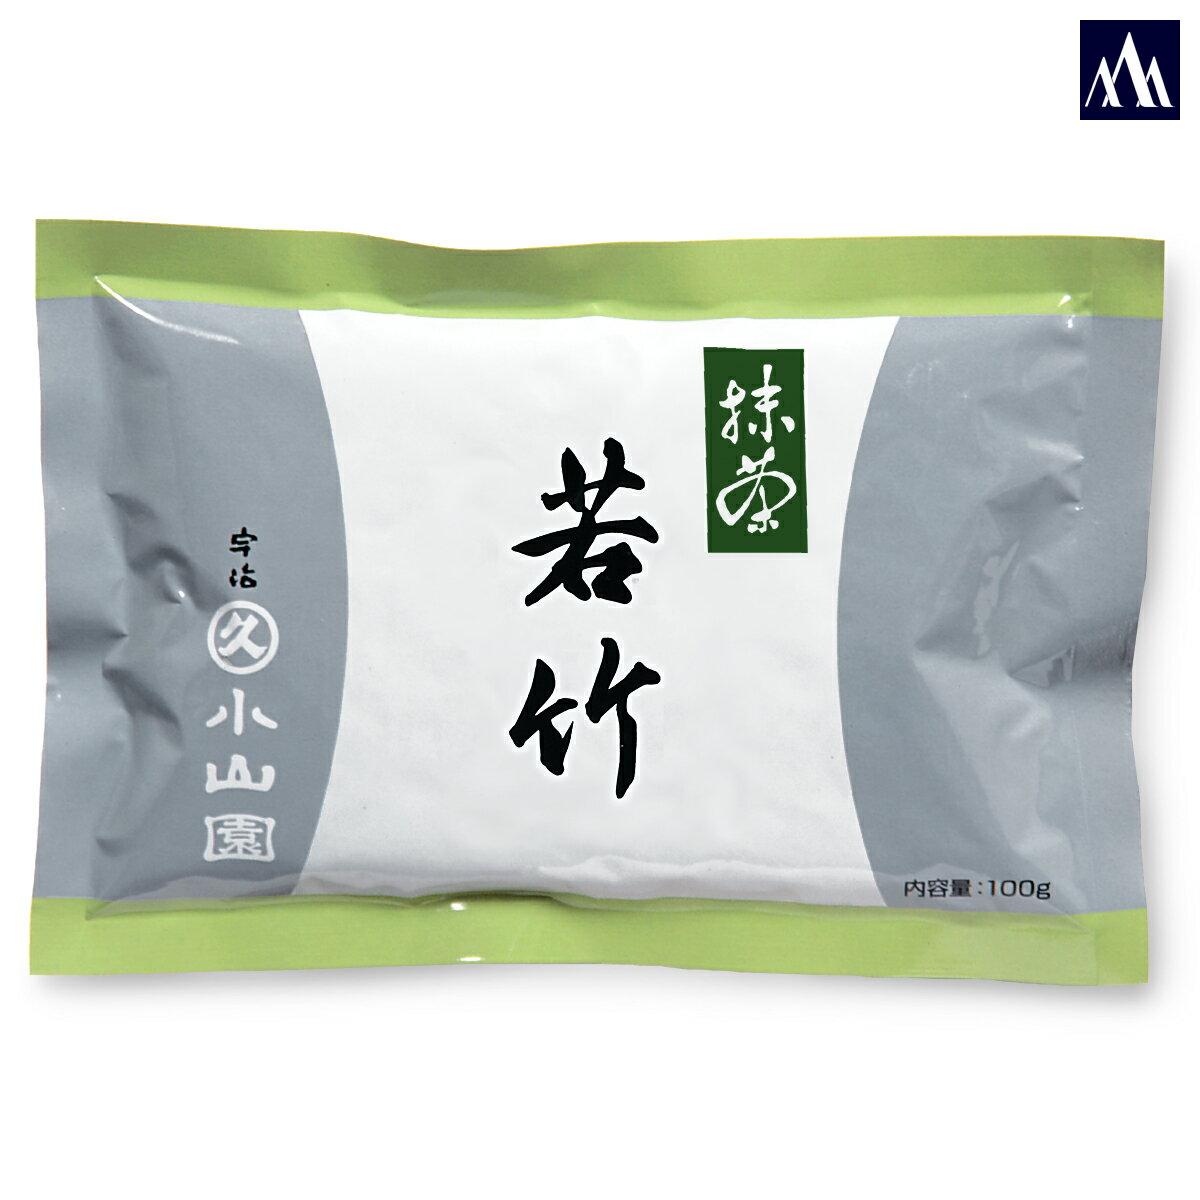 抹茶「若竹」100g袋入